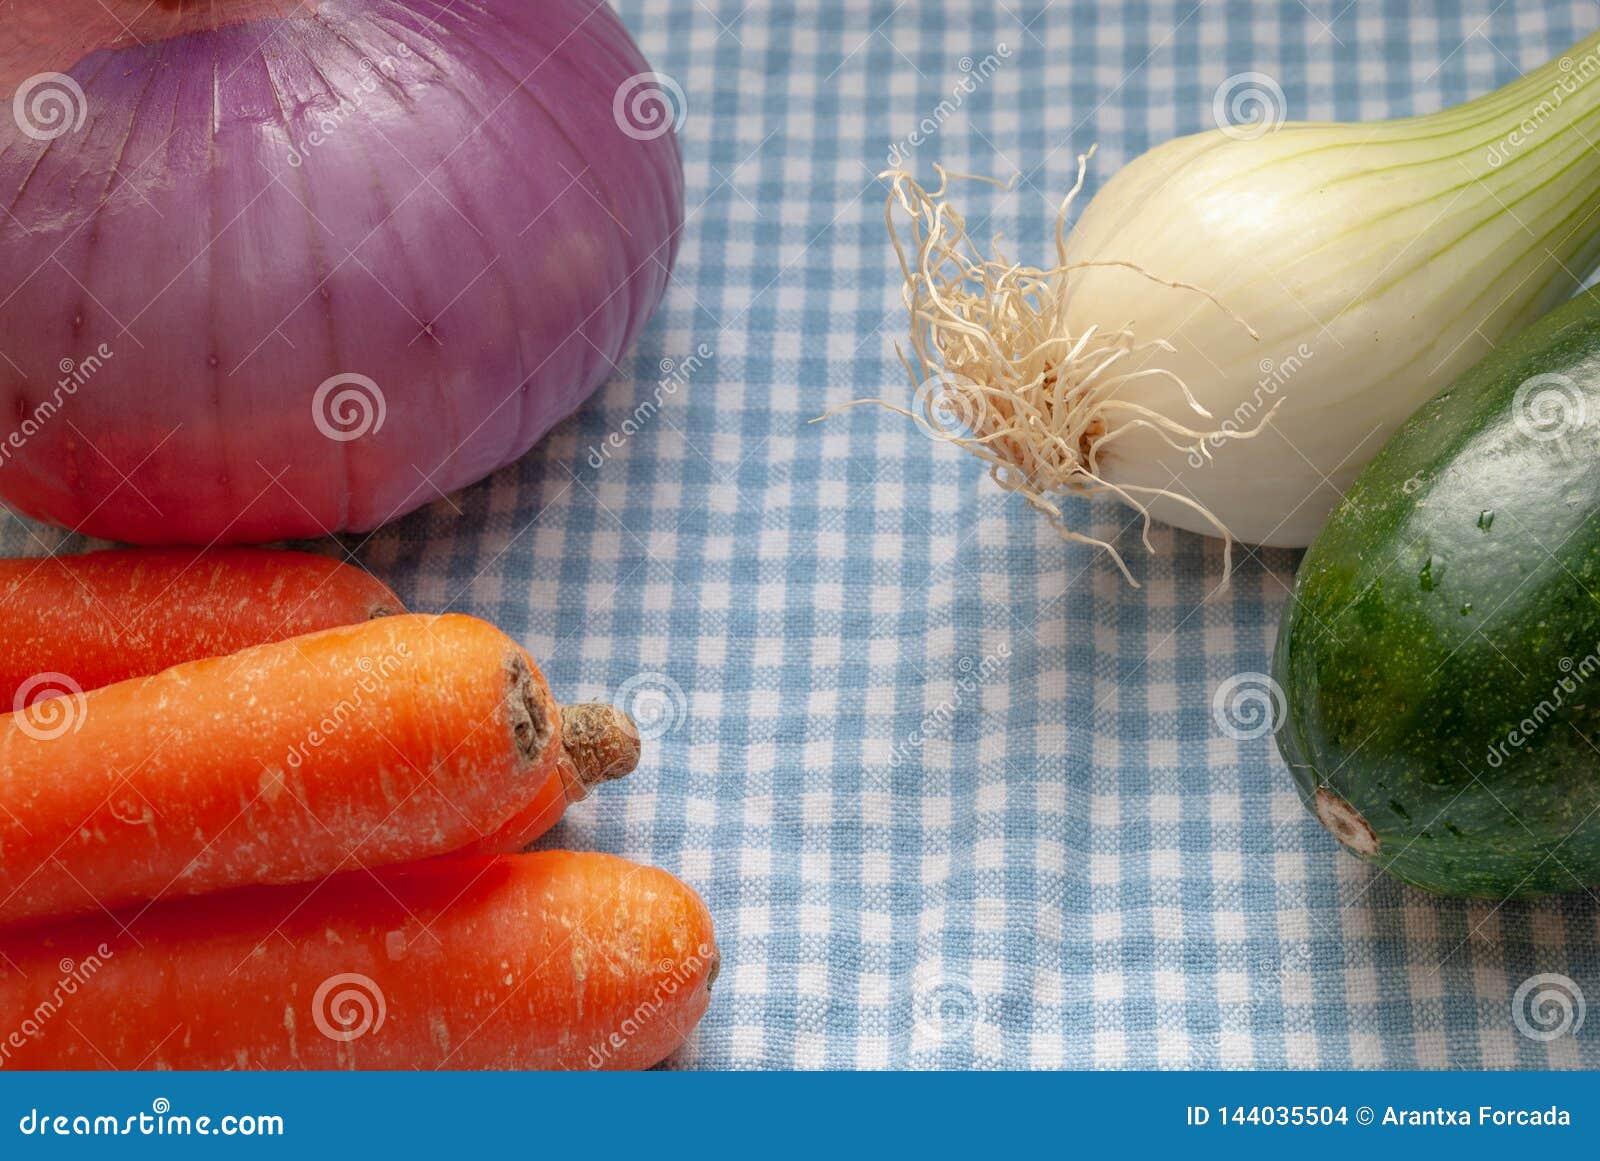 Verduras en el paño a cuadros azul y blanco de la cocina